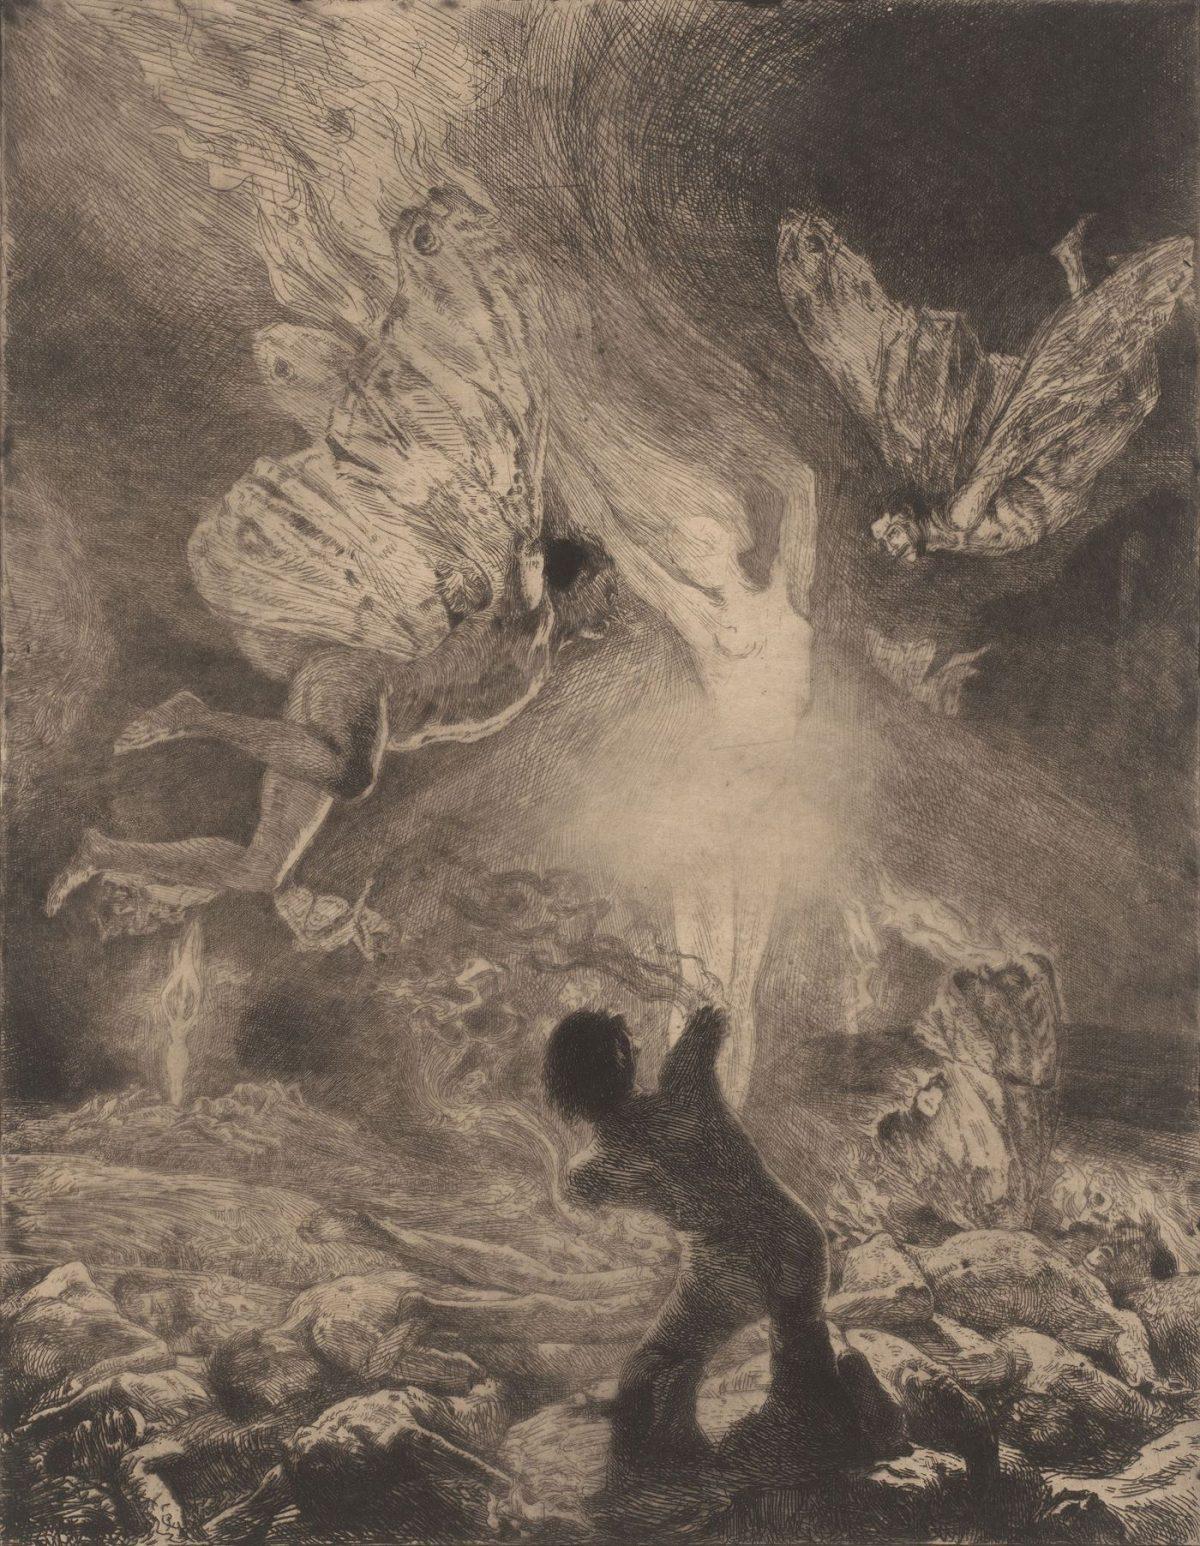 07 MARCEL ROUX 1200x1546 - Дьявольщина, достойная современных хорроров: картины Марселя Ру (1878-1922)